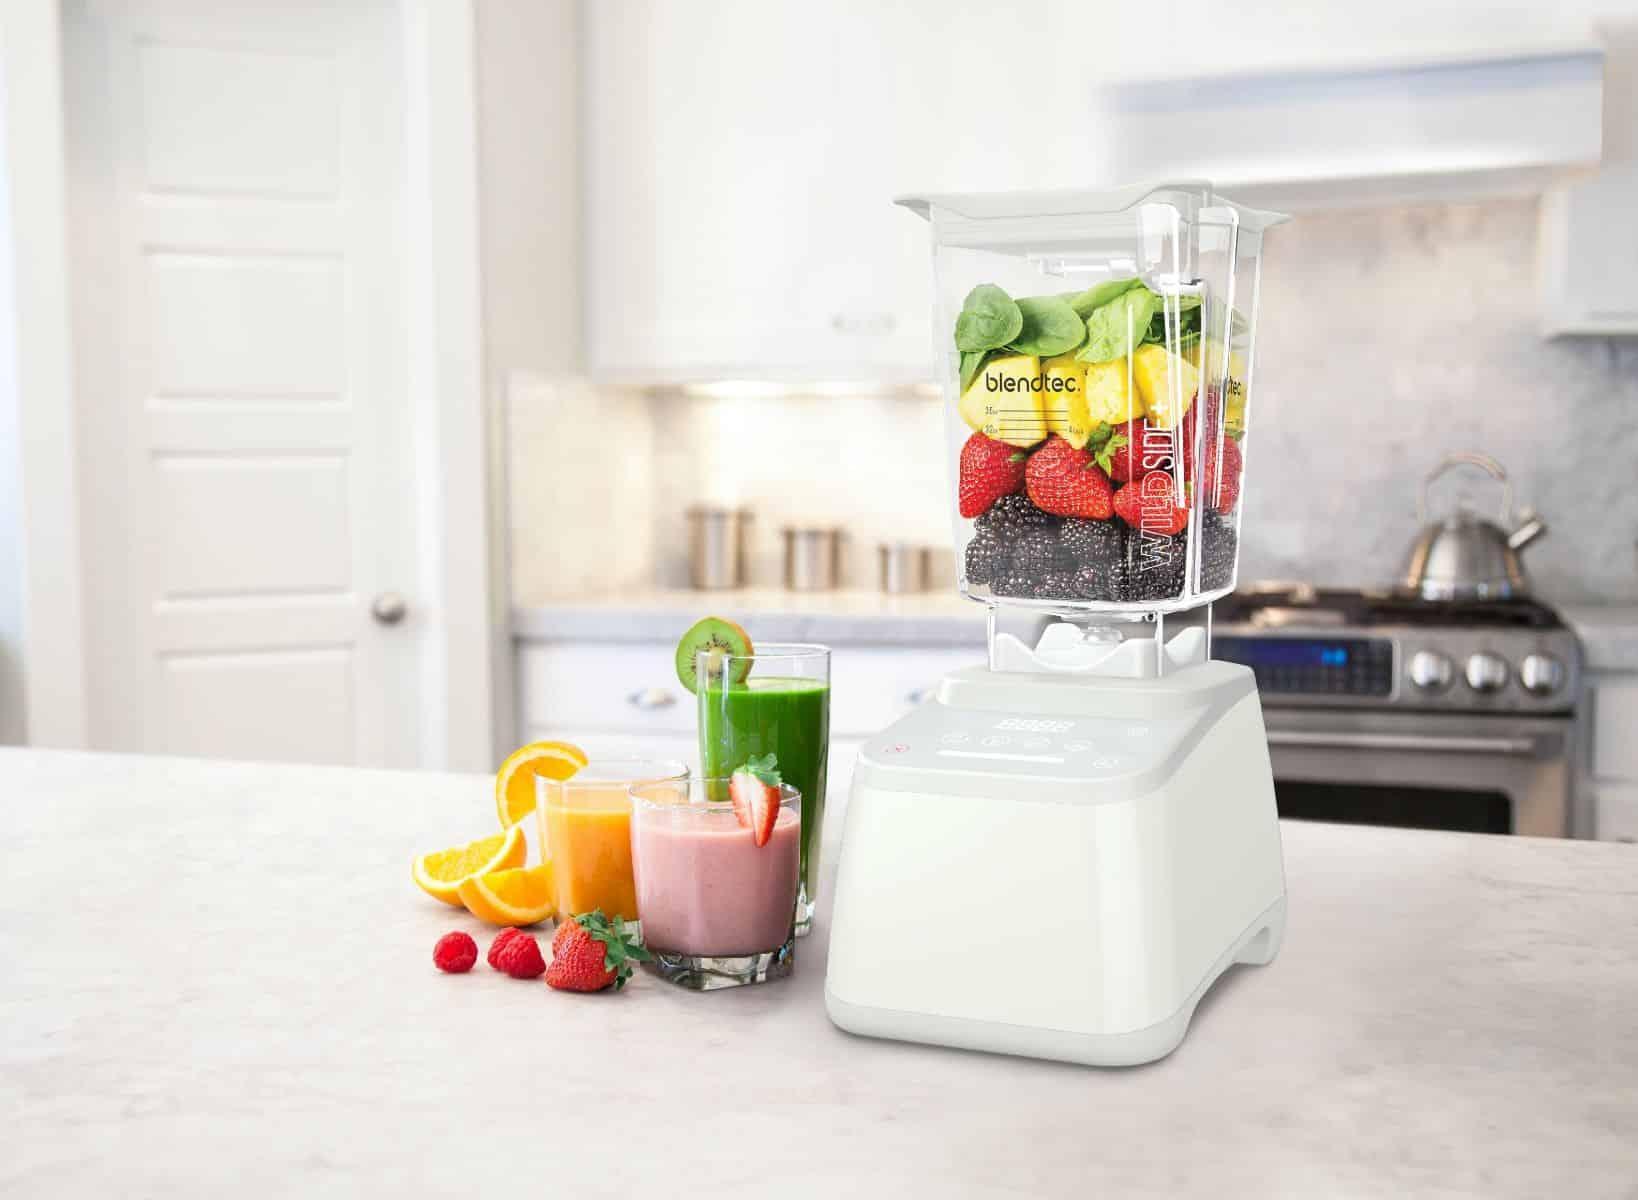 Jeśli marzysz o przygotowaniu idealnie zblendowanego koktajlu, bez żadnych wyczuwalnych kawałków owoców czy warzyw, o aksamitnej konsystencji postaw na blender kielichowy wyposażony w wysokie obroty.